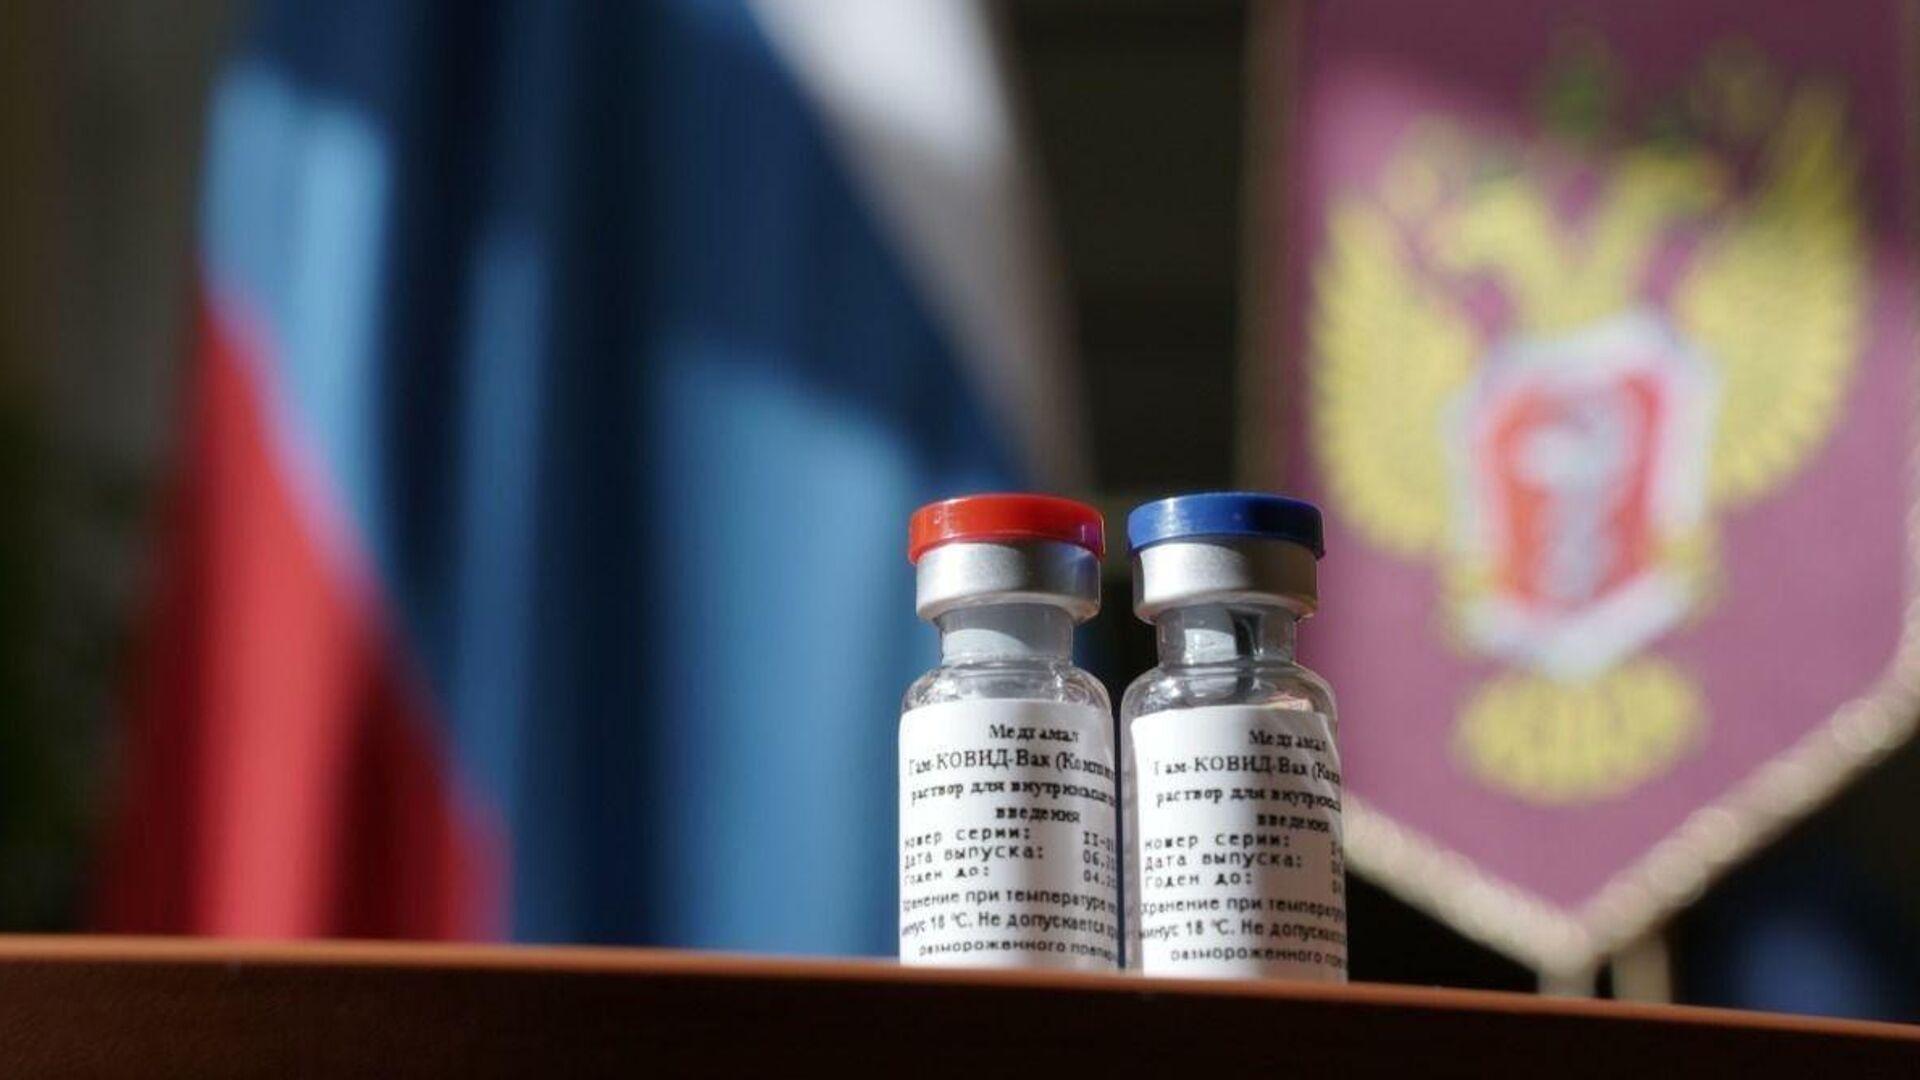 Первая в мире вакцина от коронавируса, зарегистрированная в России - РИА Новости, 1920, 04.09.2020